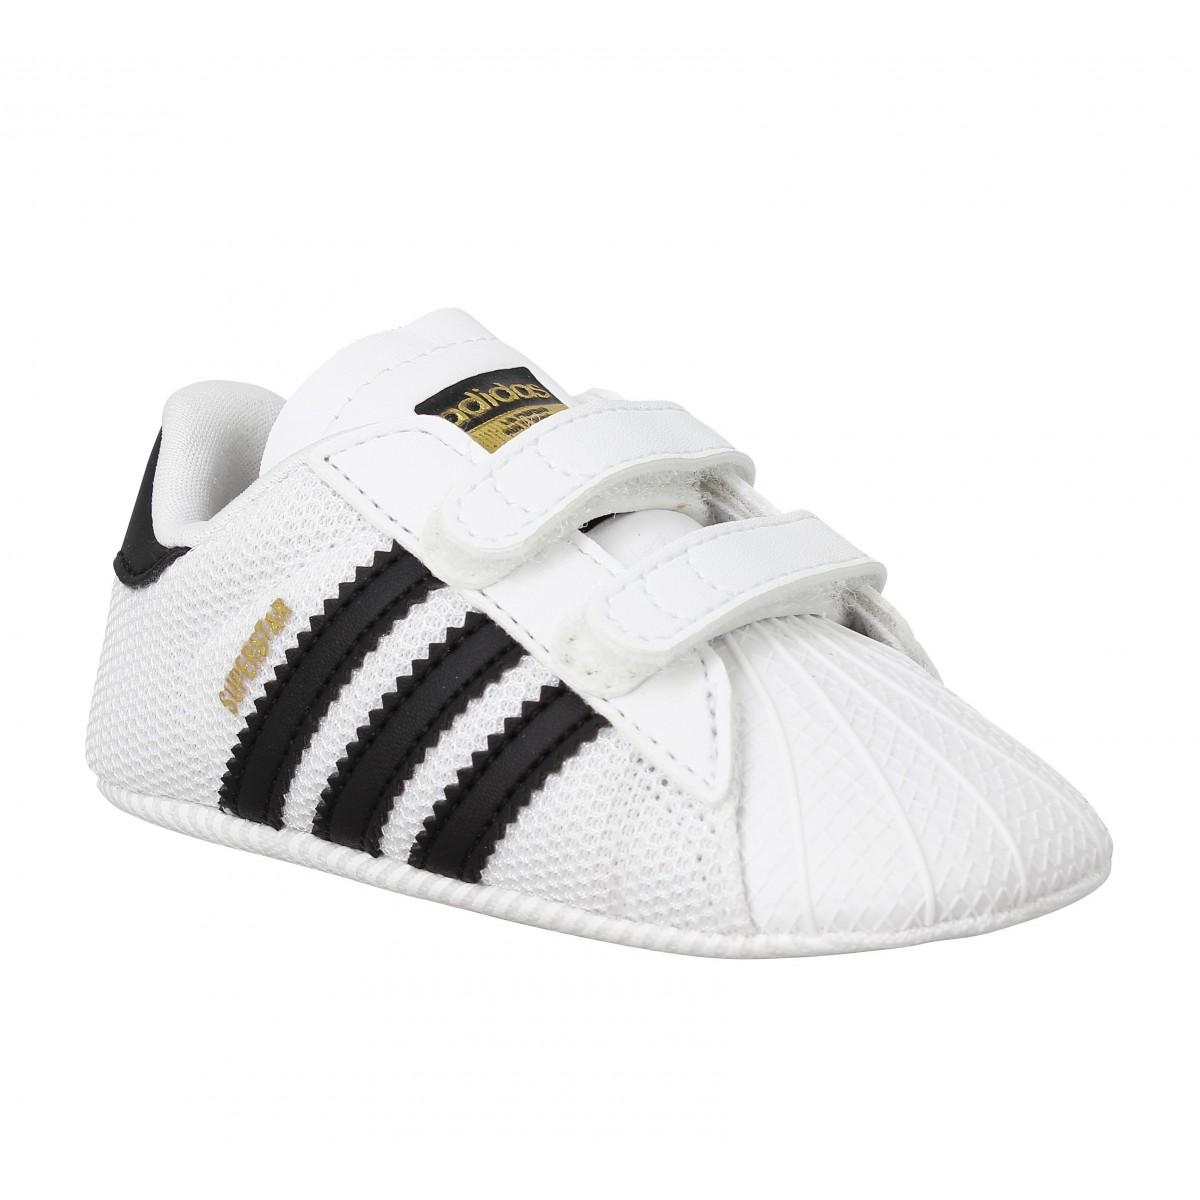 Adidas Superstar Crib Enfant Blanc Noir Enfants Fanny